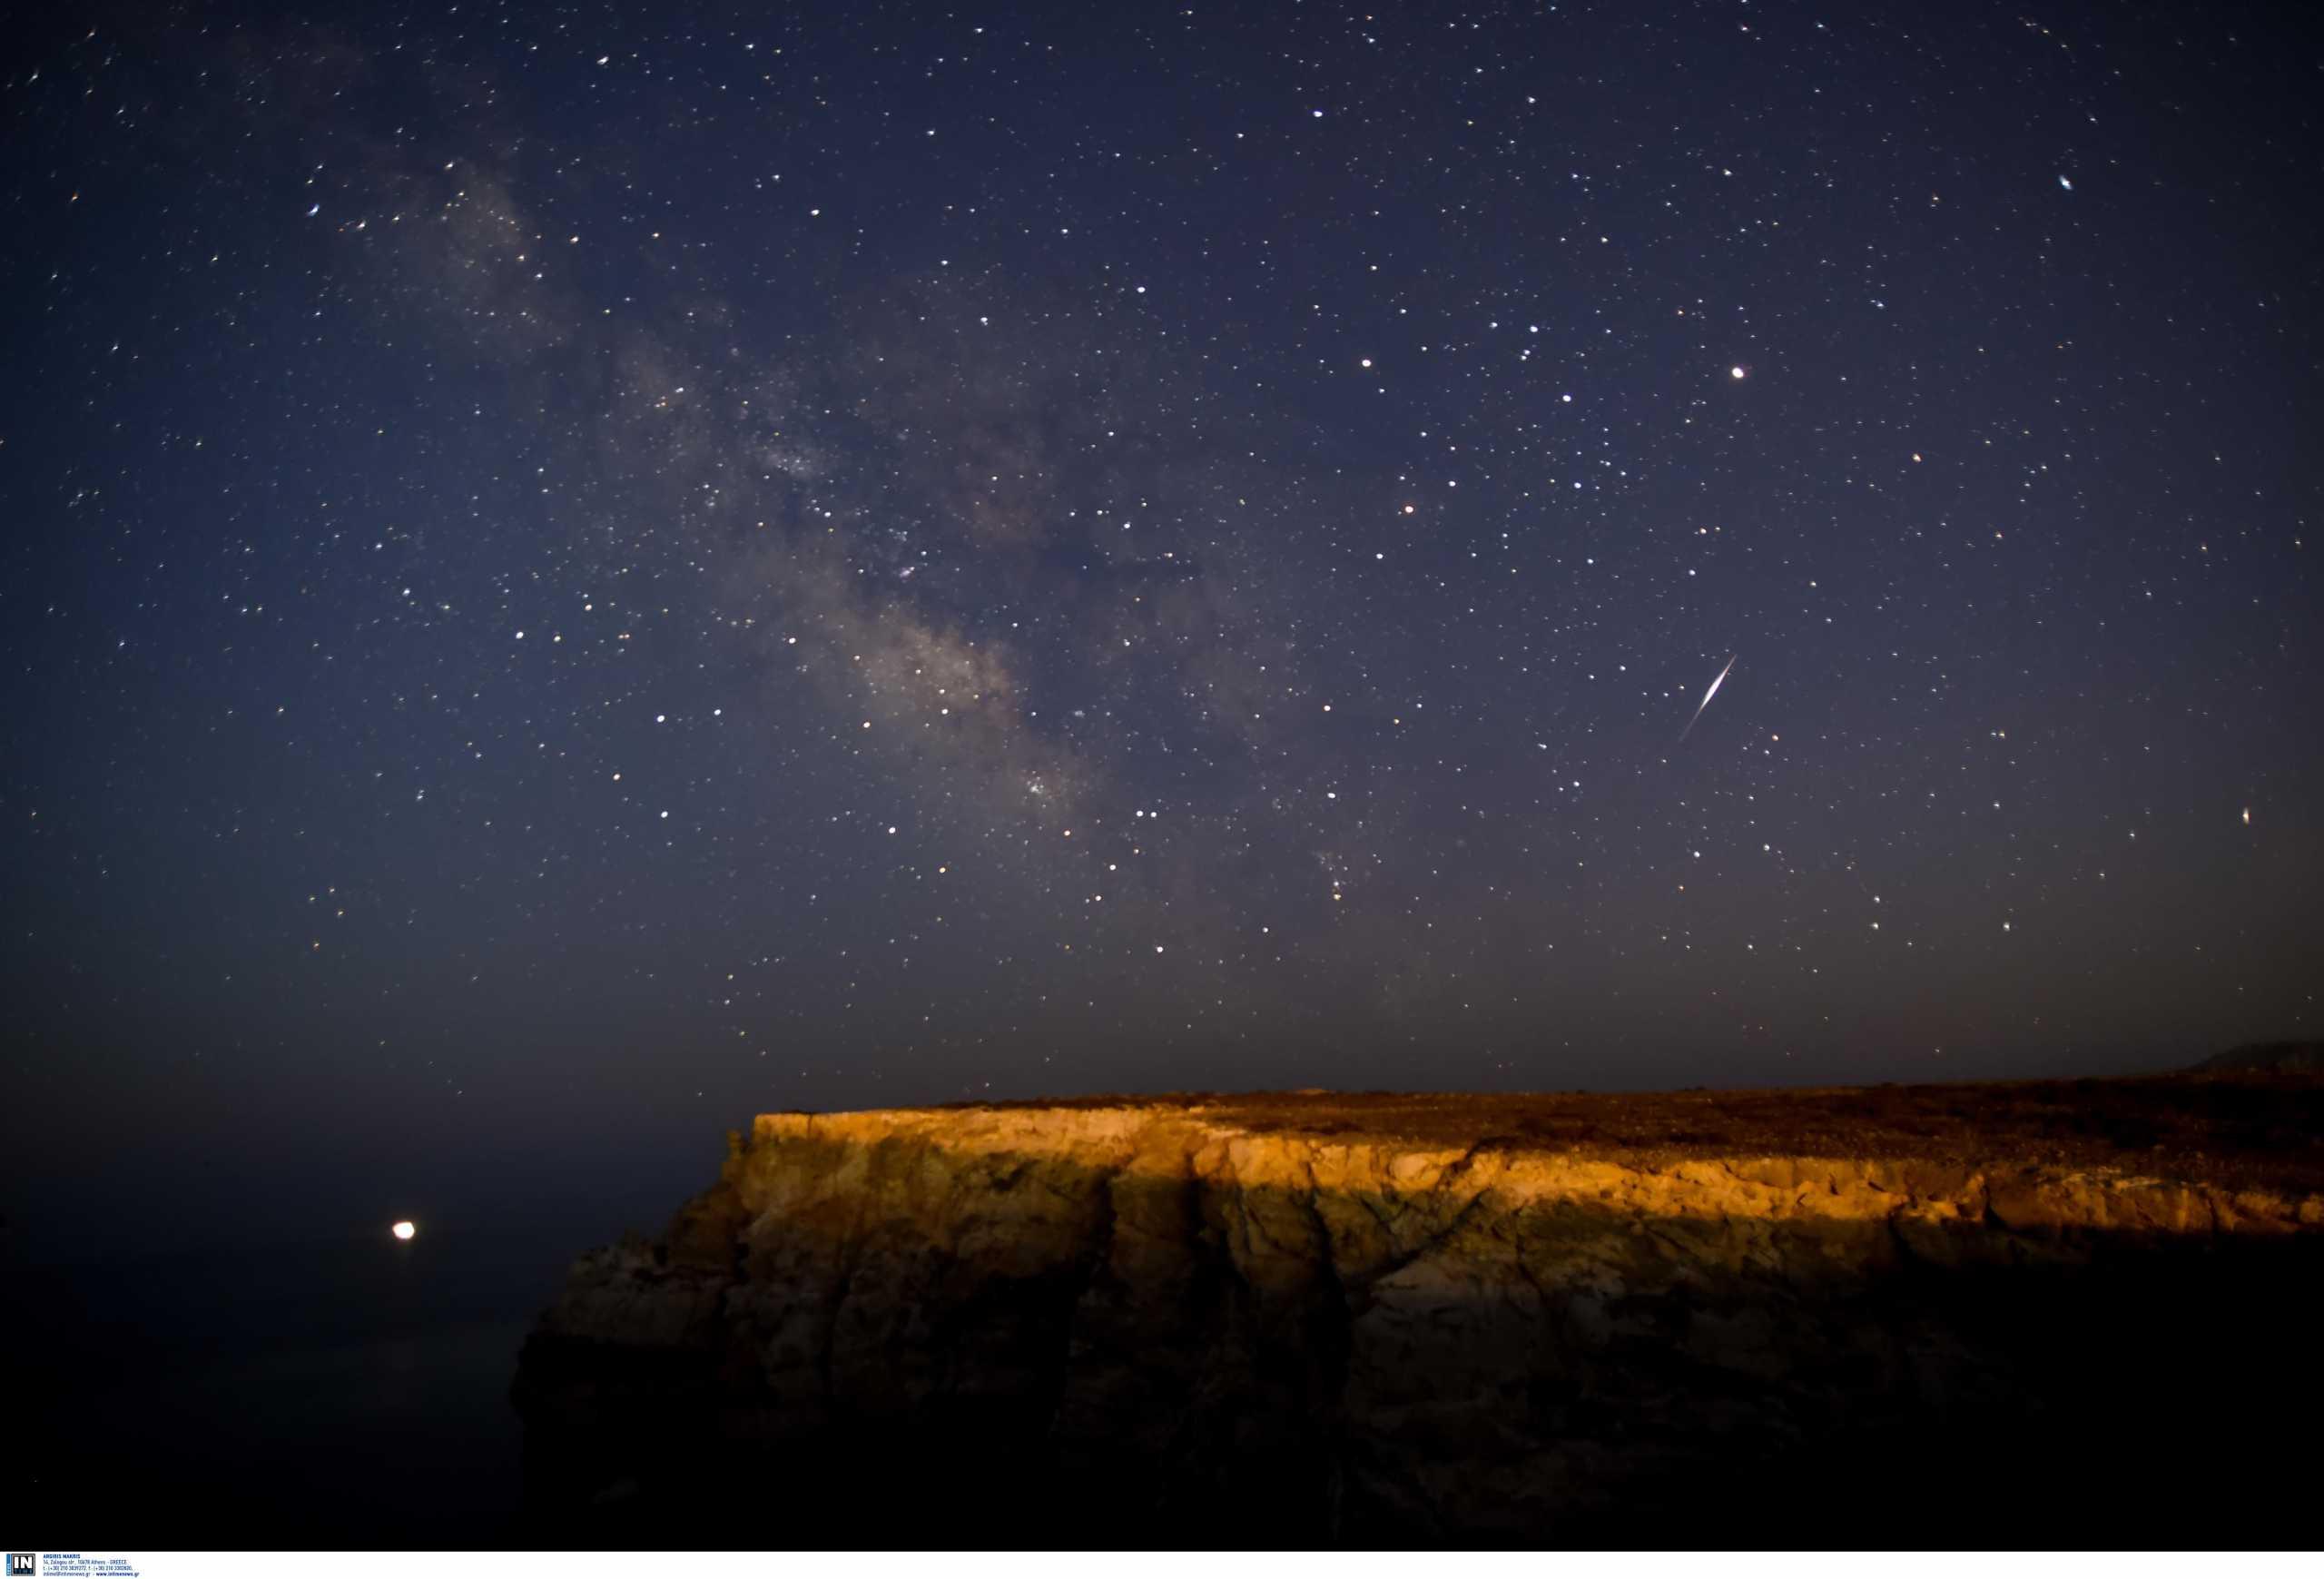 «Οι εξωγήινοι υπάρχουν» λέει Ισραηλινός στρατηγός – «Οι ΗΠΑ έχουν μυστική βάση στον Άρη»